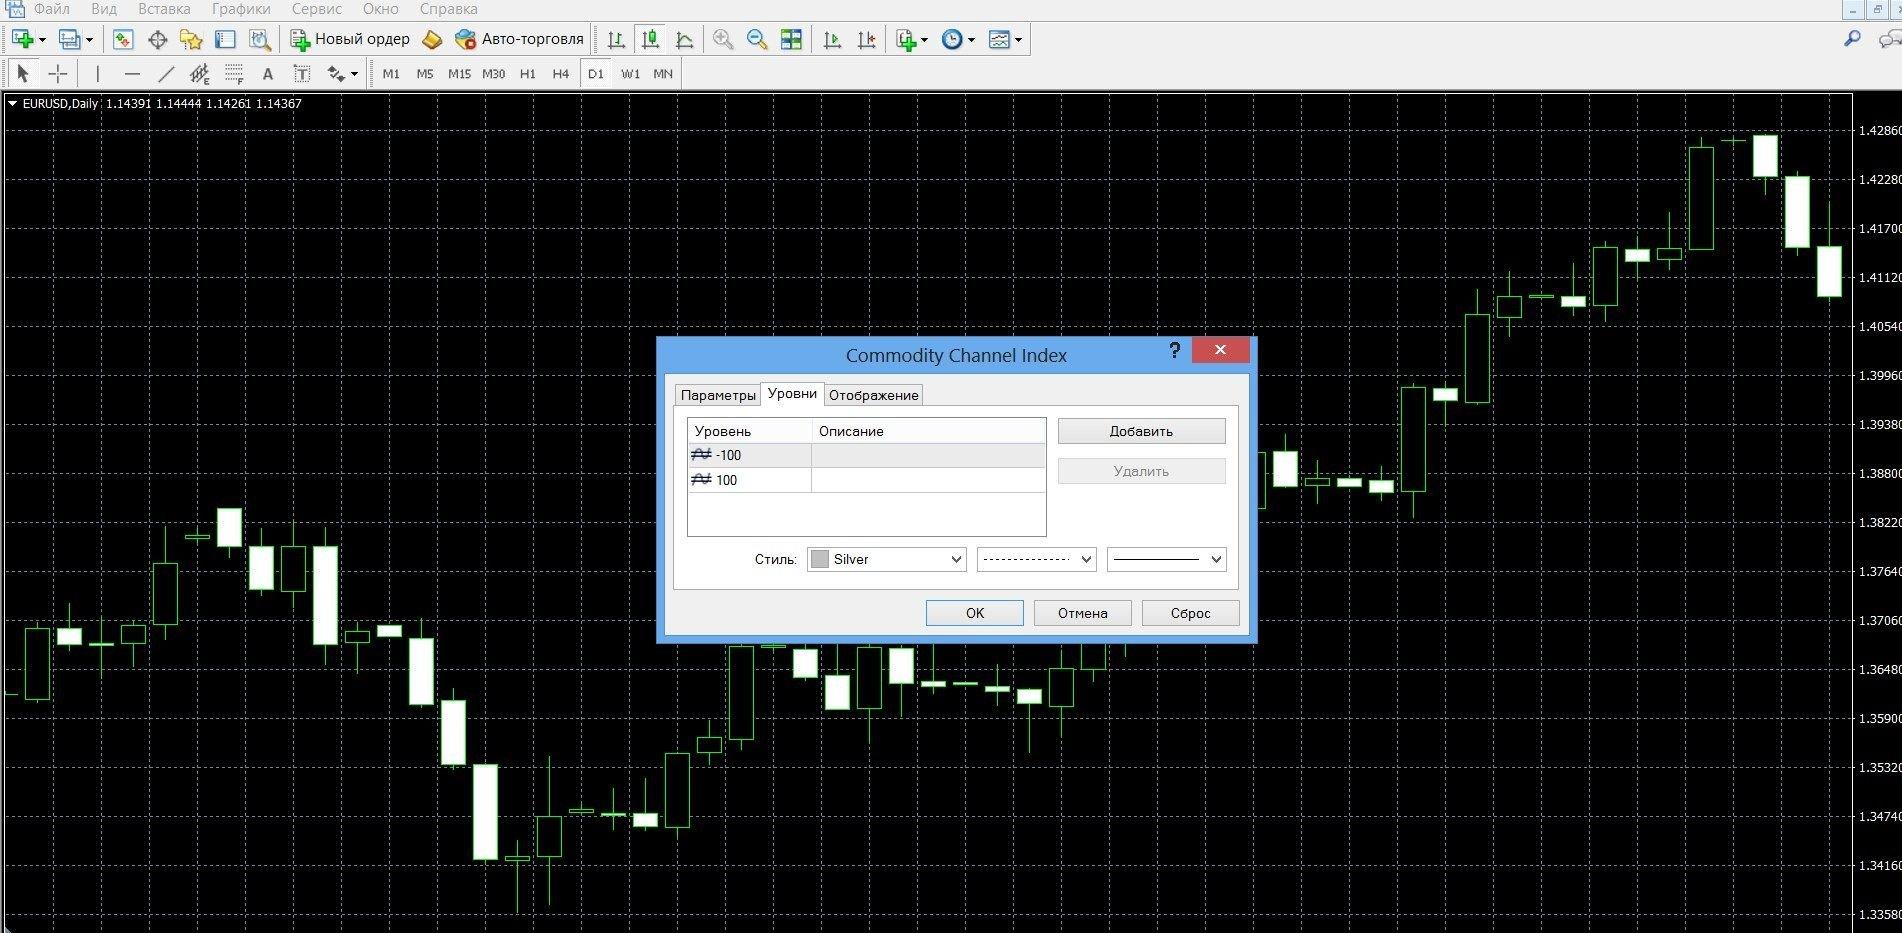 Индикатор CCI включен в набор базовых индикаторов терминала Метатрейдер 4